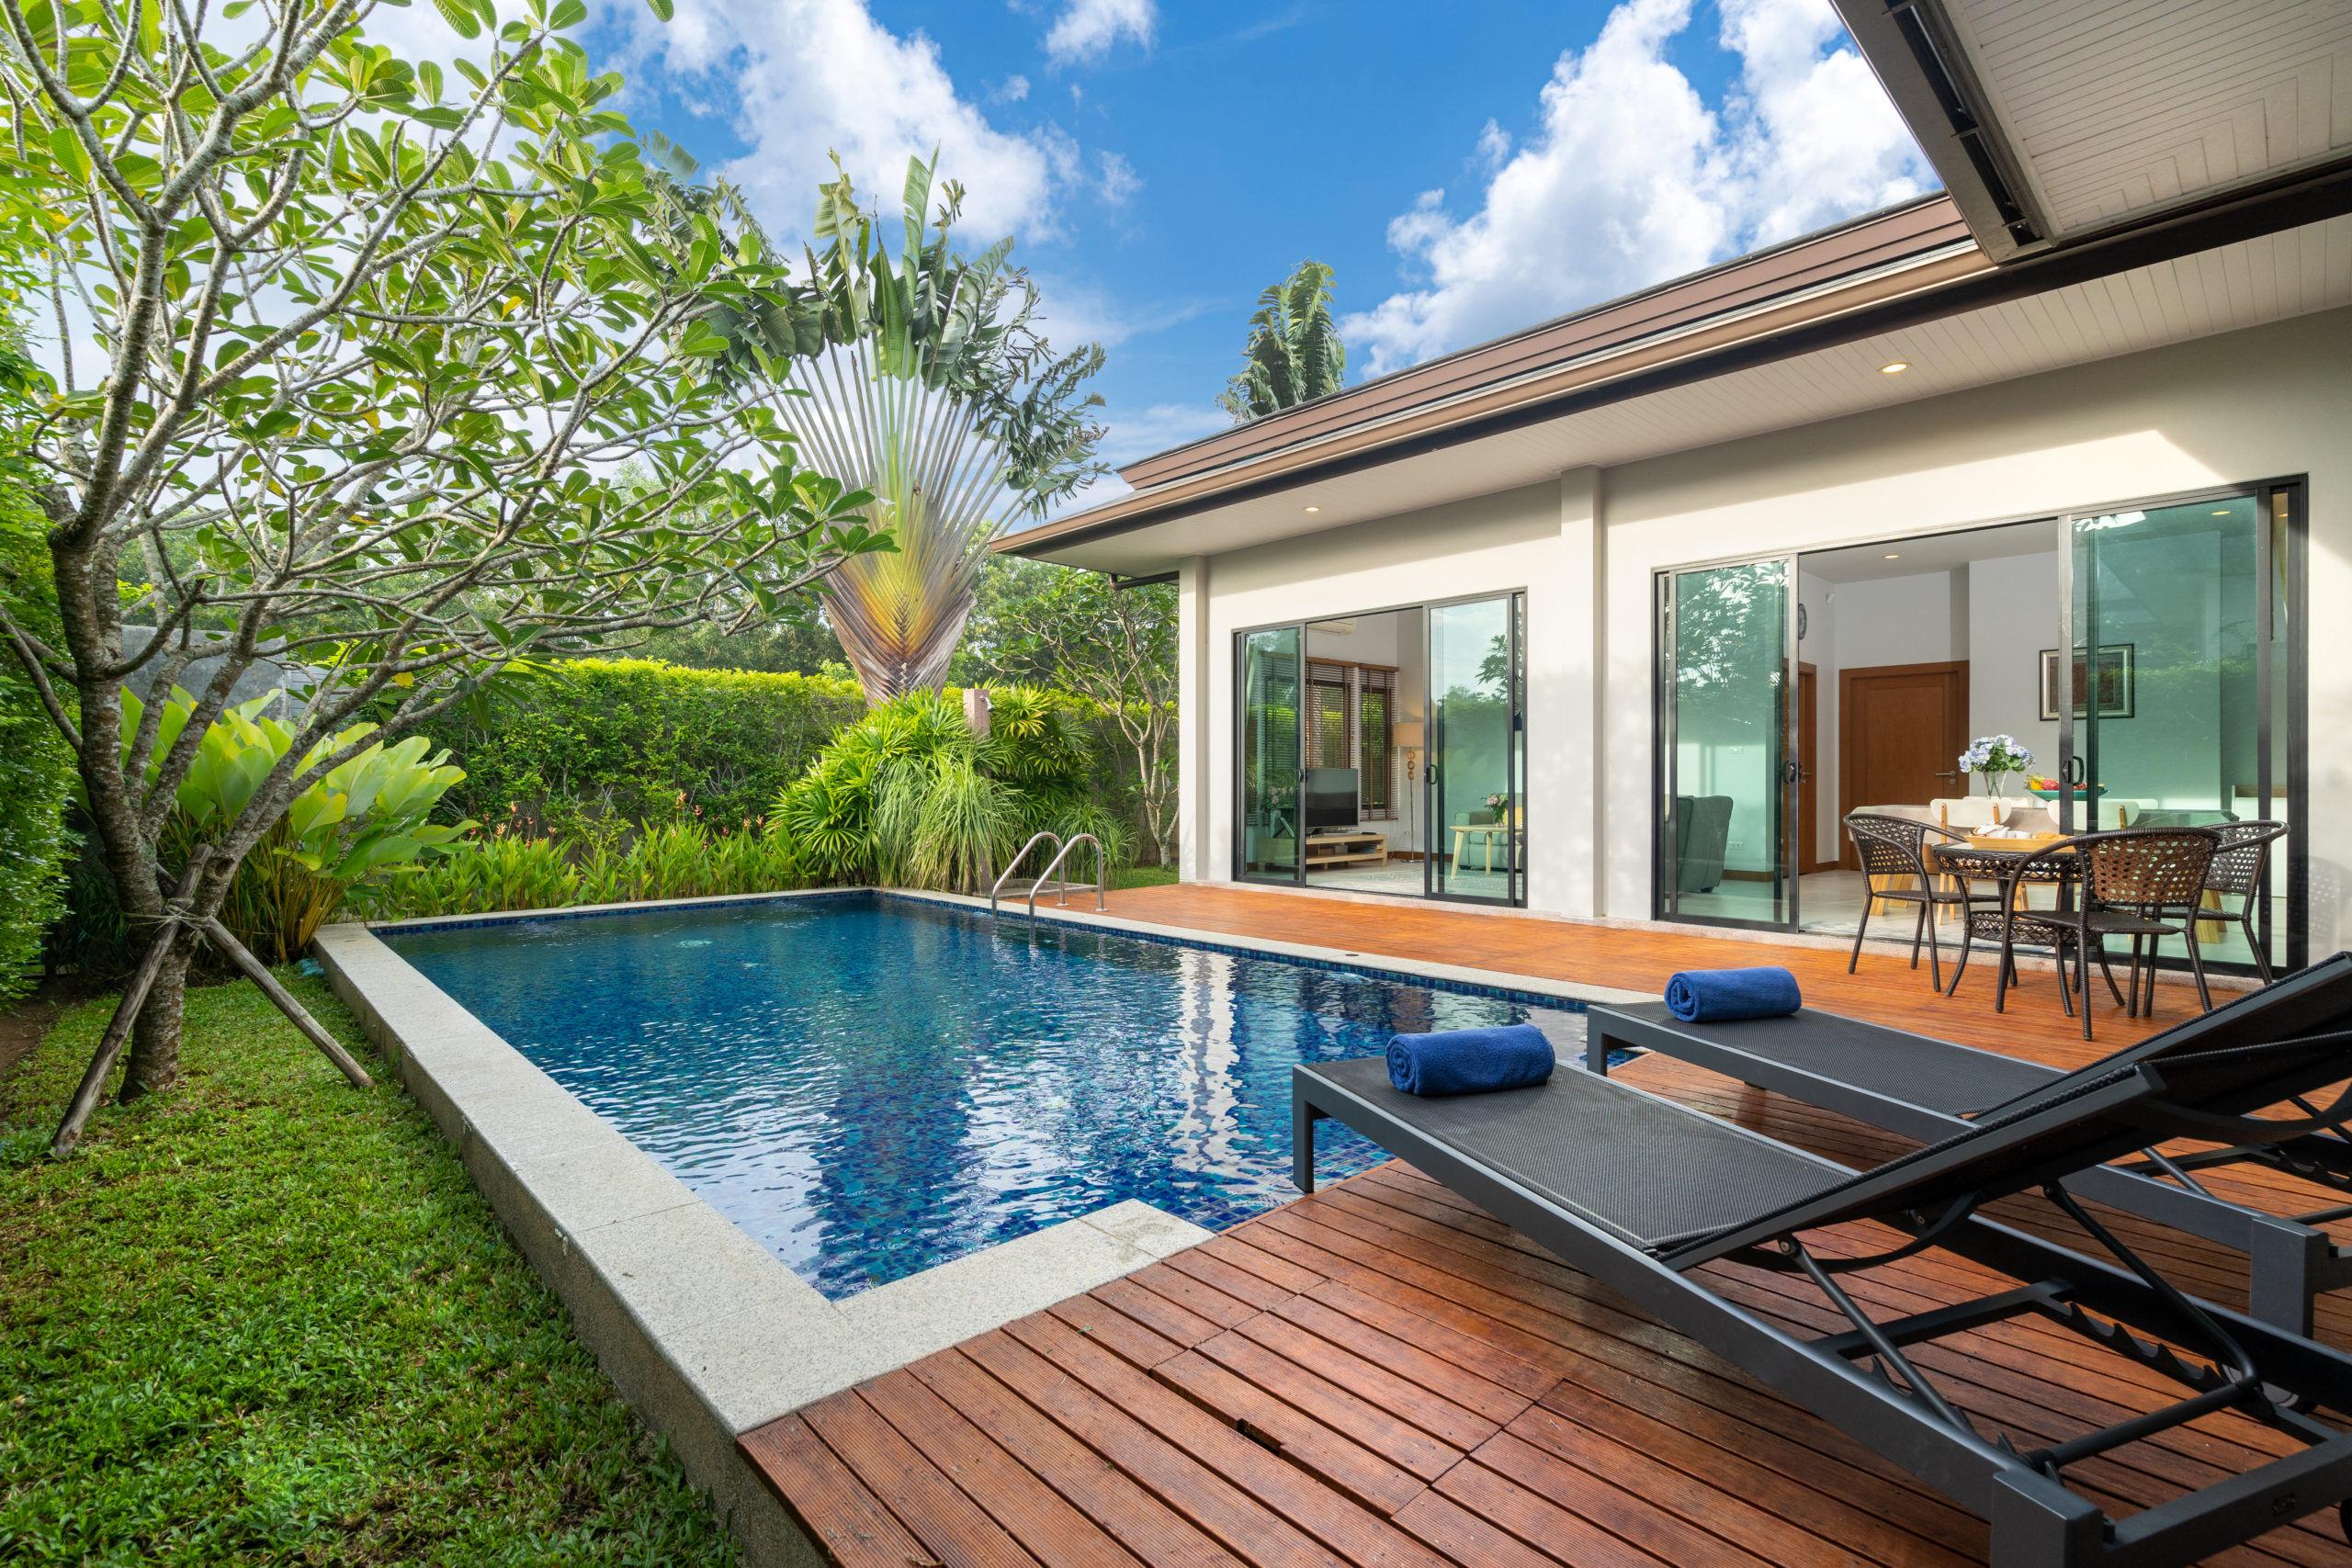 Exemple d'intégration d'une piscine et sa terrasse en bois dans le prolongement de l' extension de la maison.